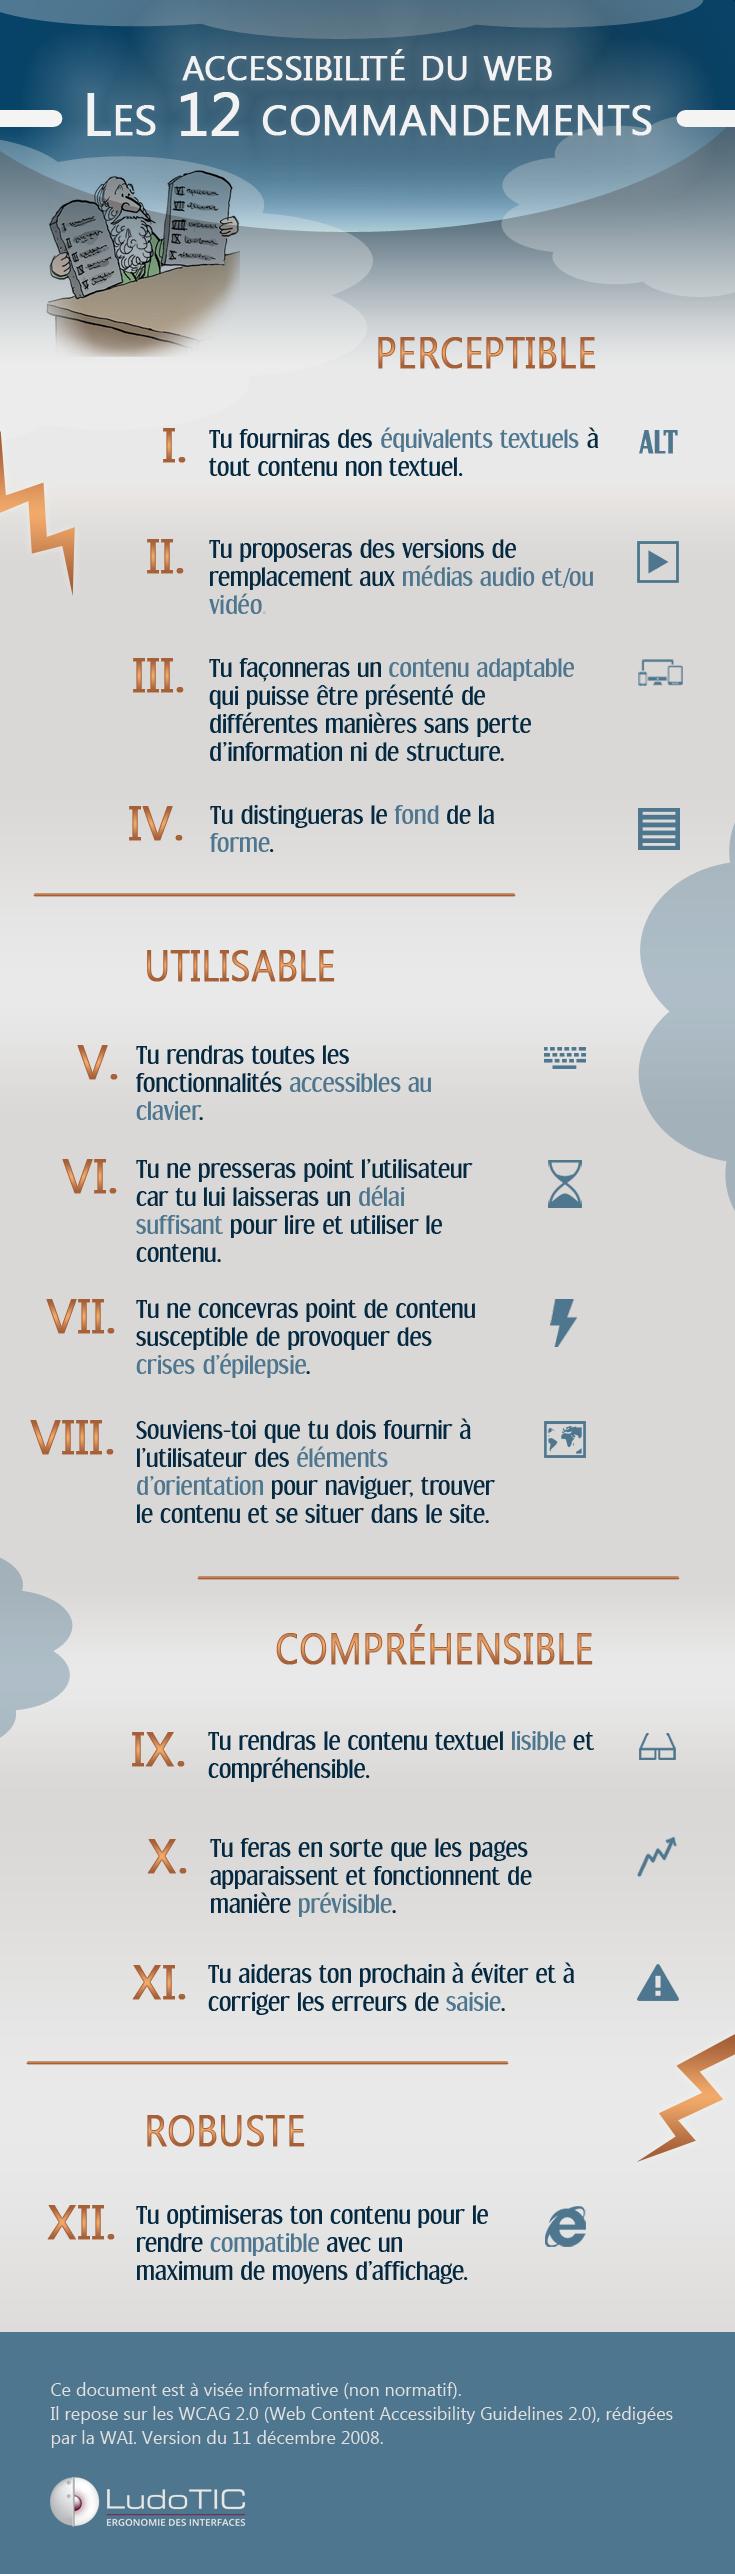 Accessibilité du Web - Les 12 commandements (cliquez sur l'image pour accéder à la description détaillée)